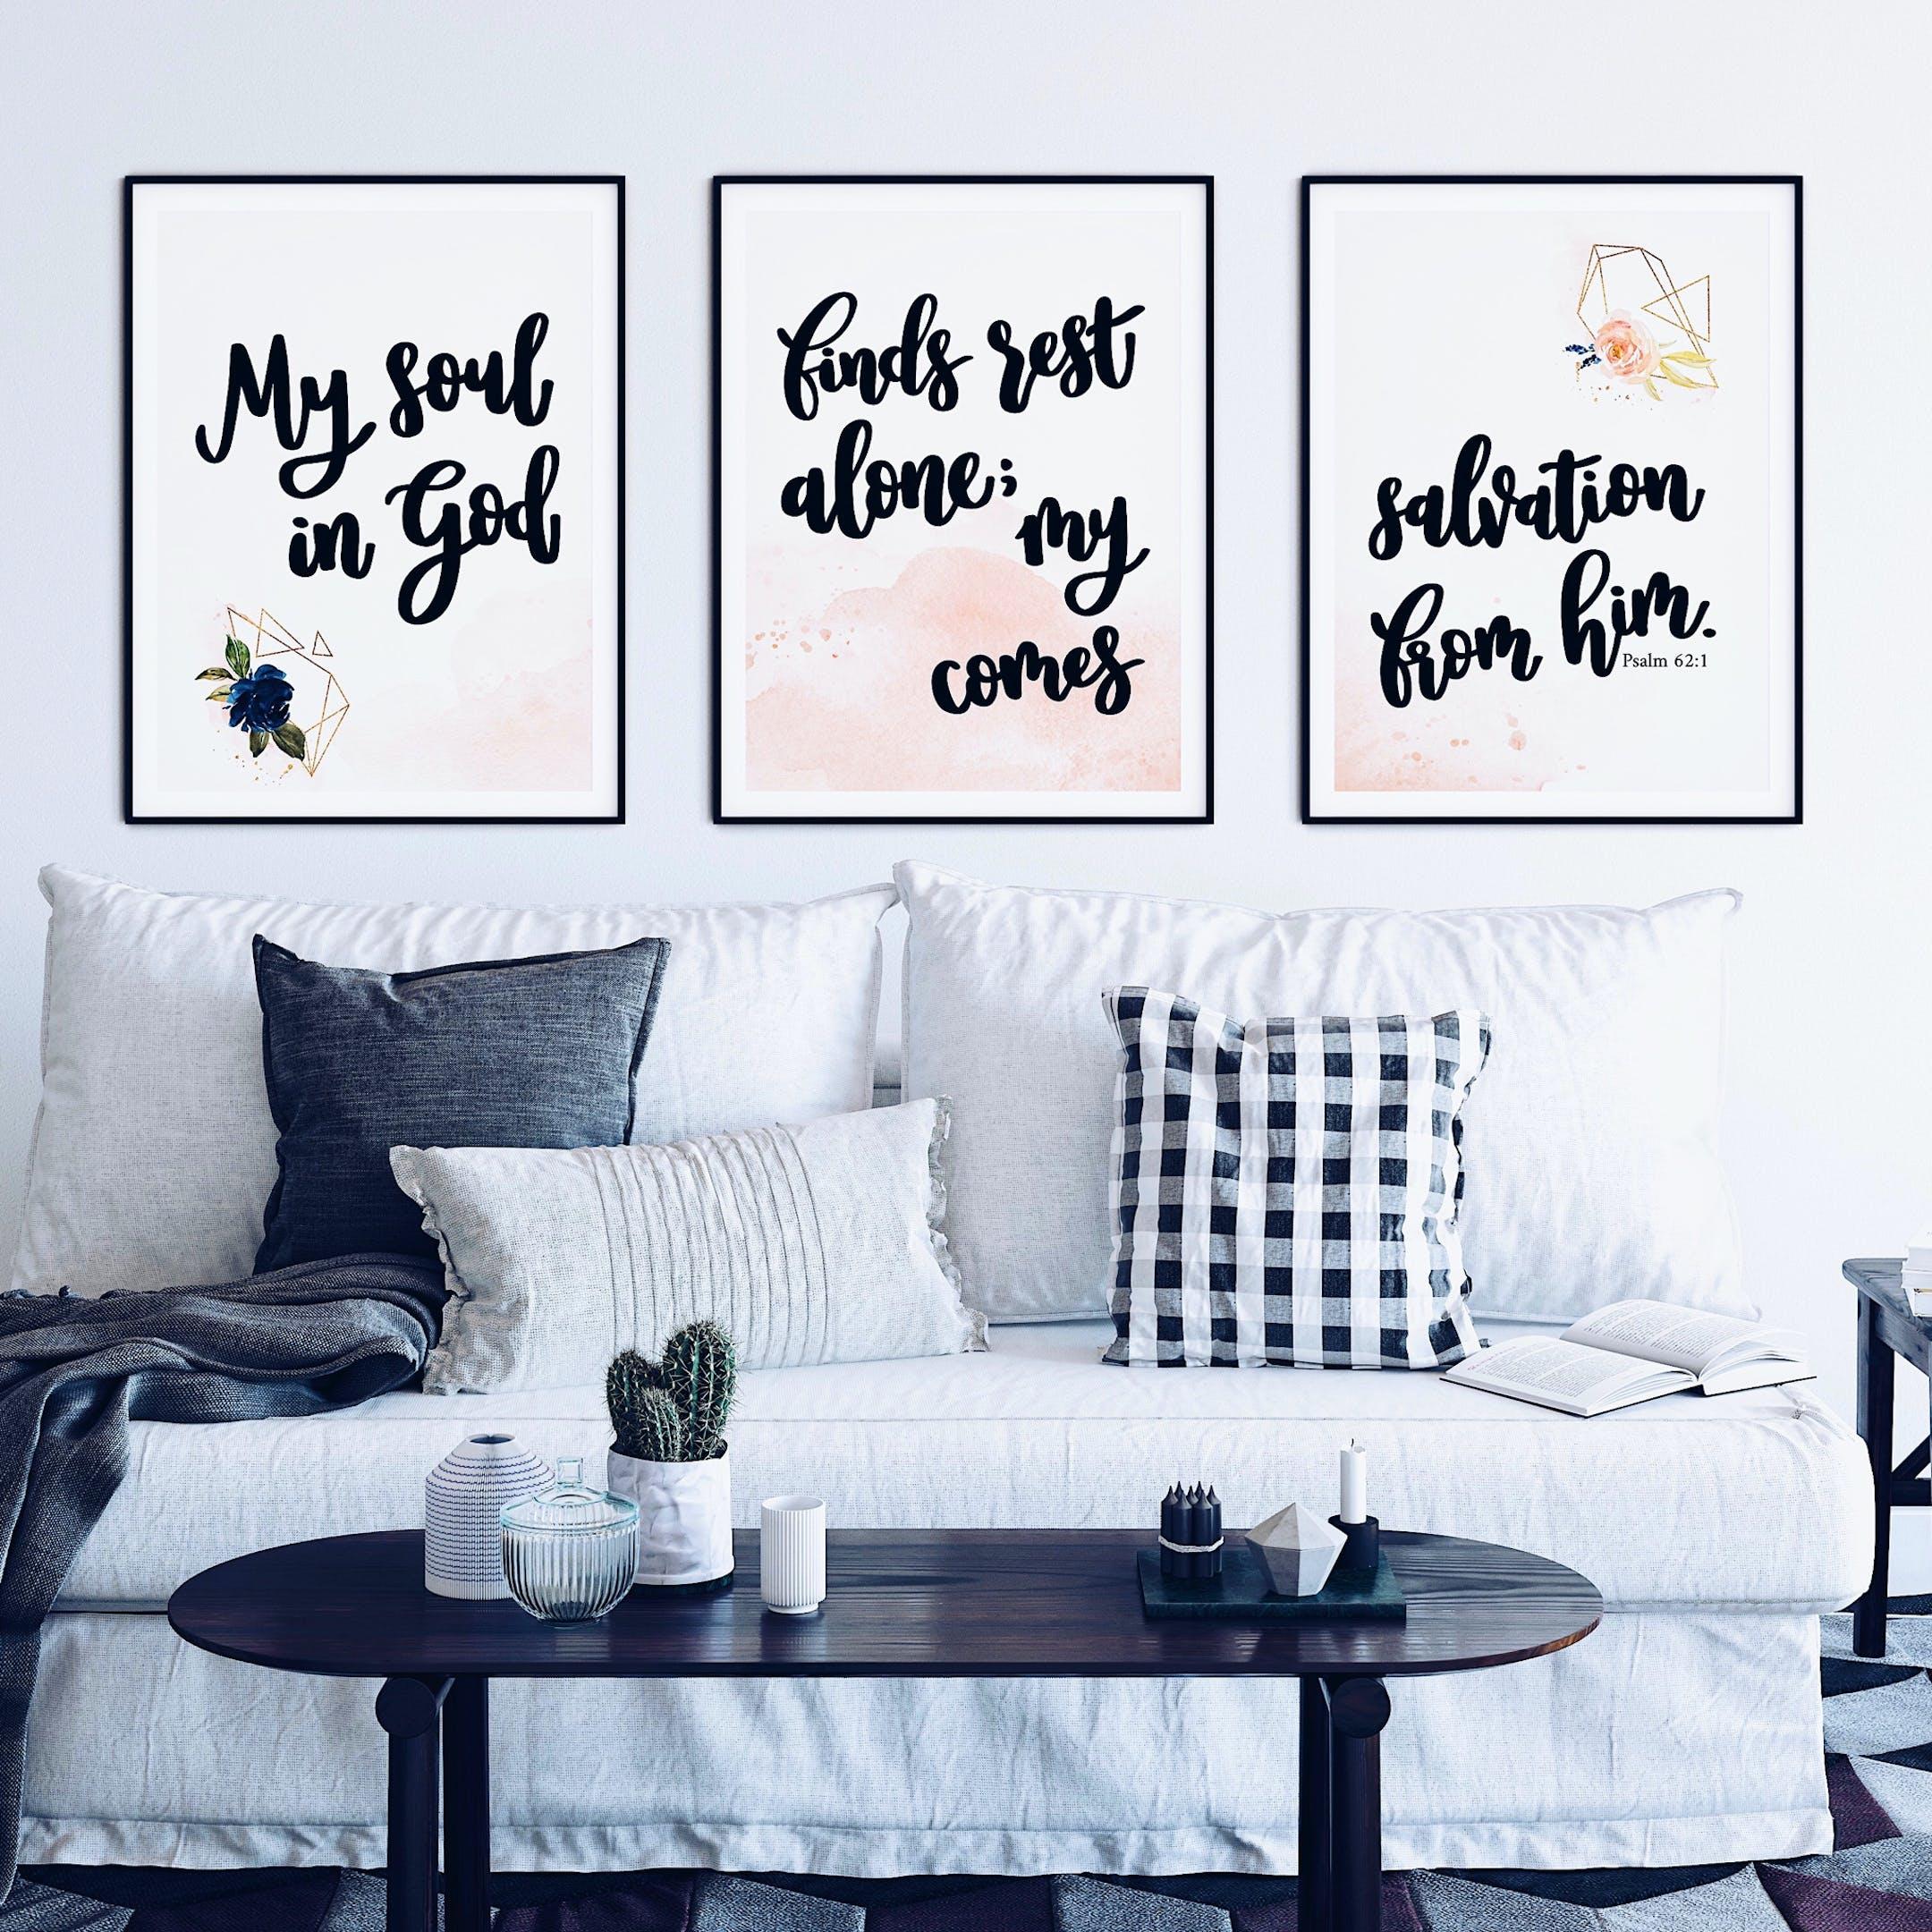 Psalm 62:1 Print - Set of 3 - Izzy & Pop